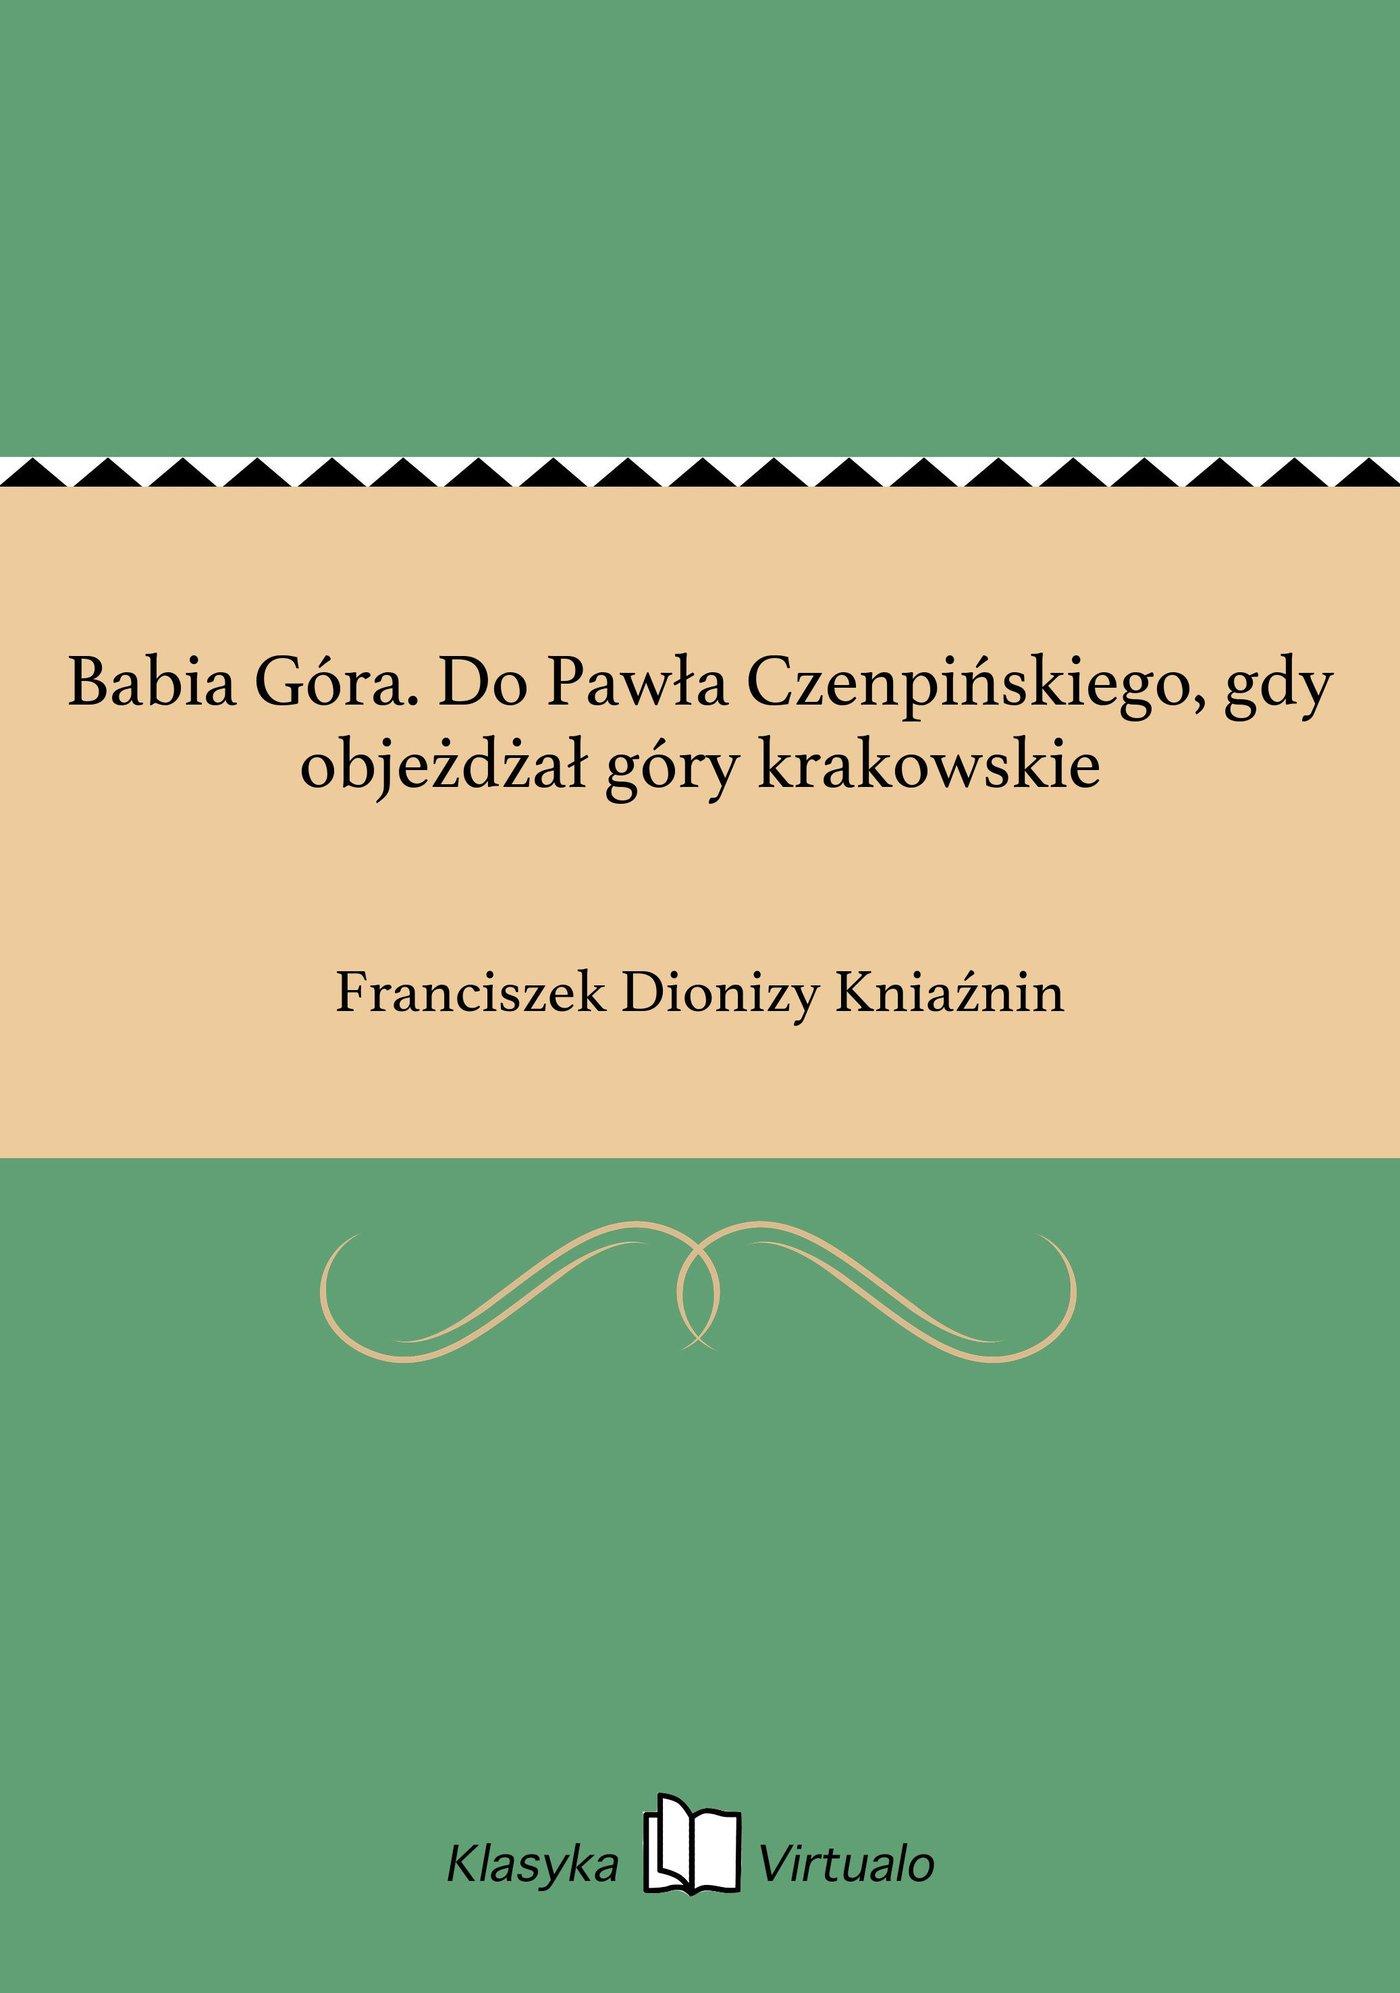 Babia Góra. Do Pawła Czenpińskiego, gdy objeżdżał góry krakowskie - Ebook (Książka EPUB) do pobrania w formacie EPUB